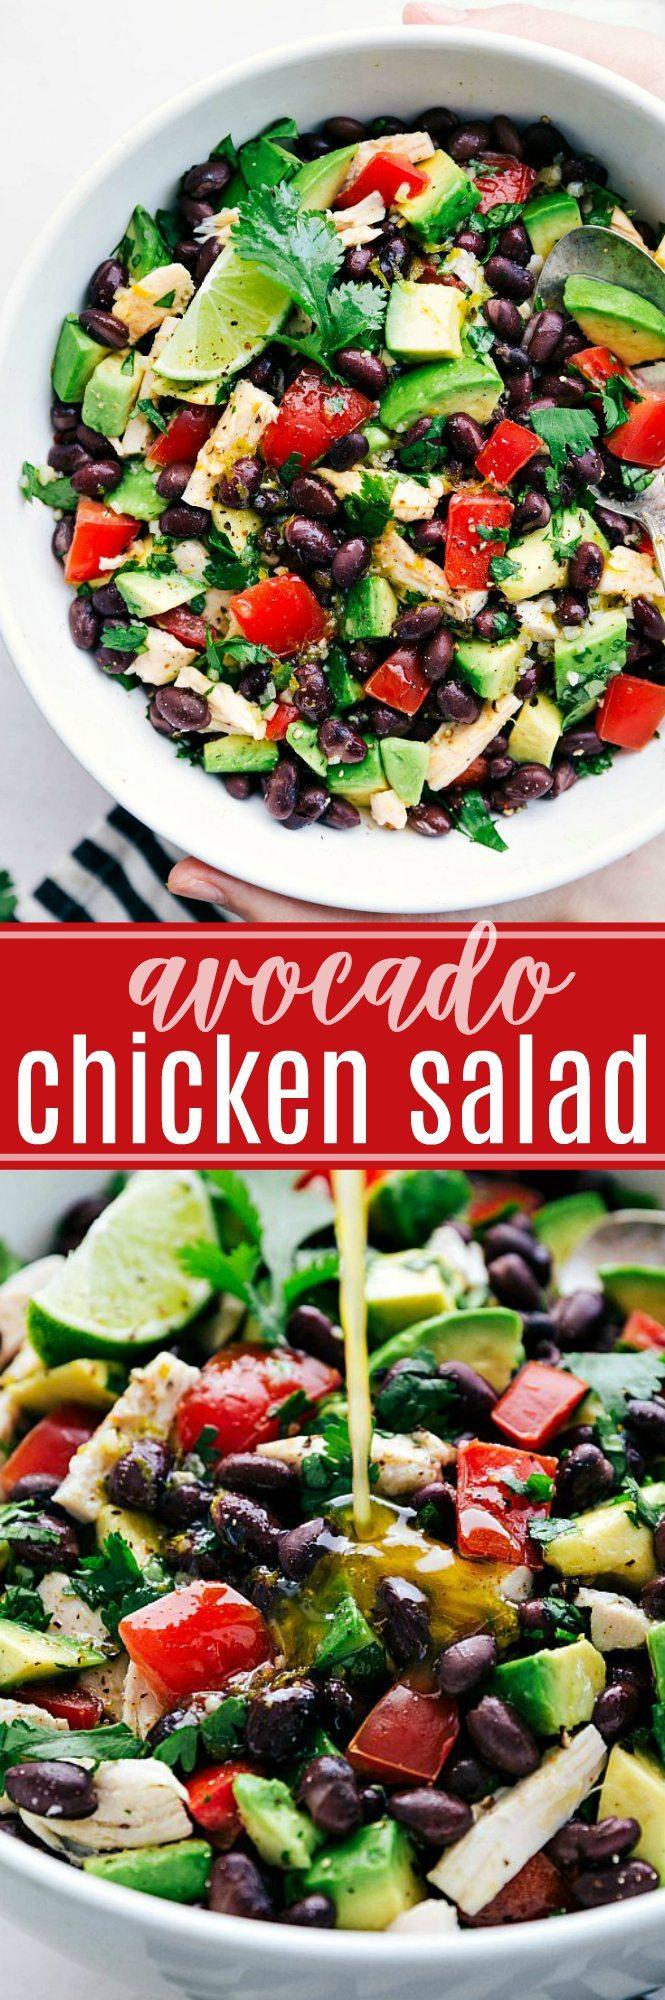 Easy, healthy, and SO delicious Mexican flavor inspired Avocado Chicken Salad! via chelseasmessyapron.com #healthy #salad #chicken #quick #easy #kidfriendly #avocado #tomato #cilantro #lime #cleaneating #keto #health #salad